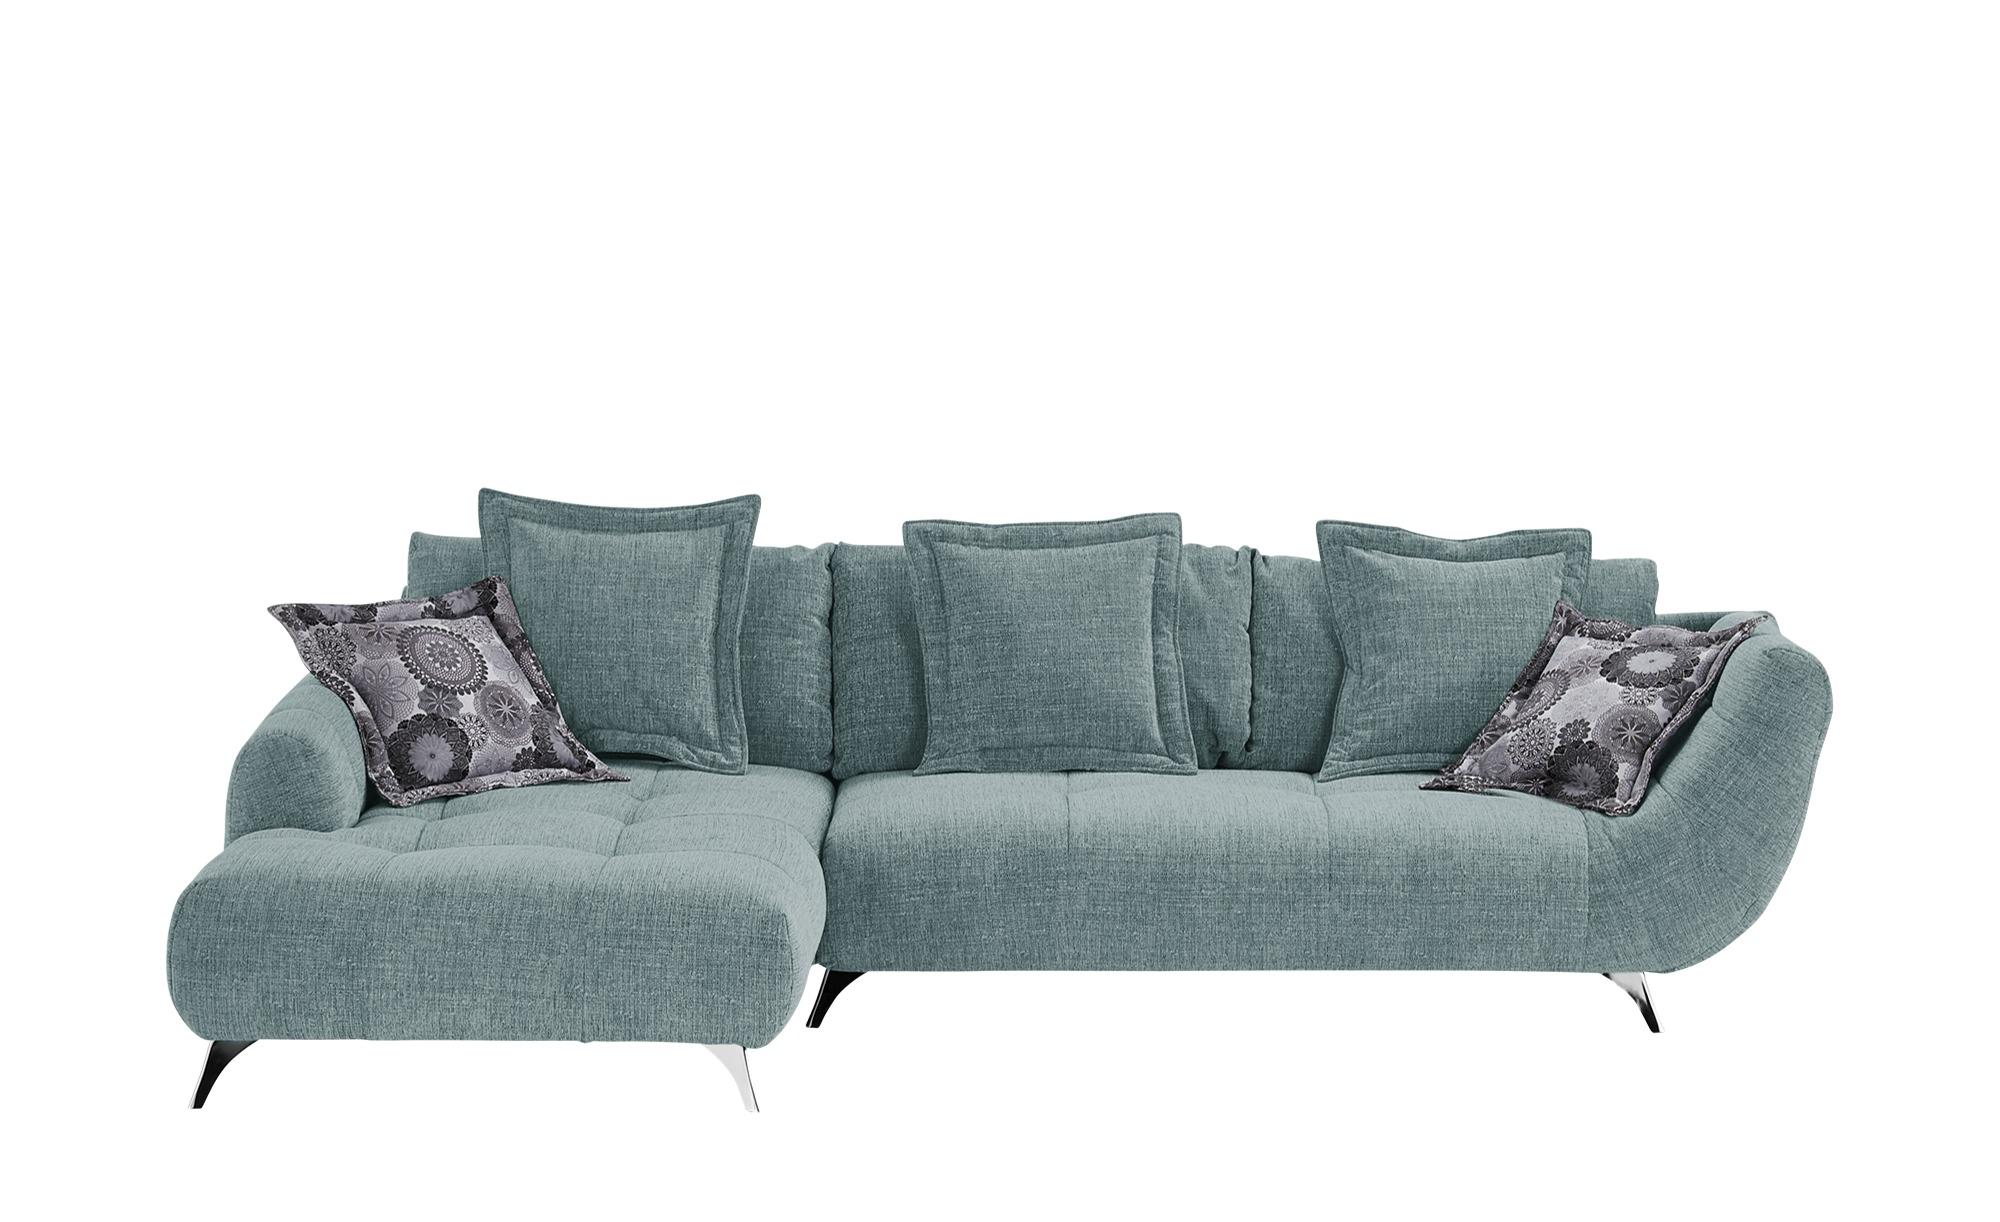 bobb Ecksofa - blau - 90 cm - Polstermöbel > Sofas > Ecksofas - Möbel Kraft   Wohnzimmer > Sofas & Couches   bobb